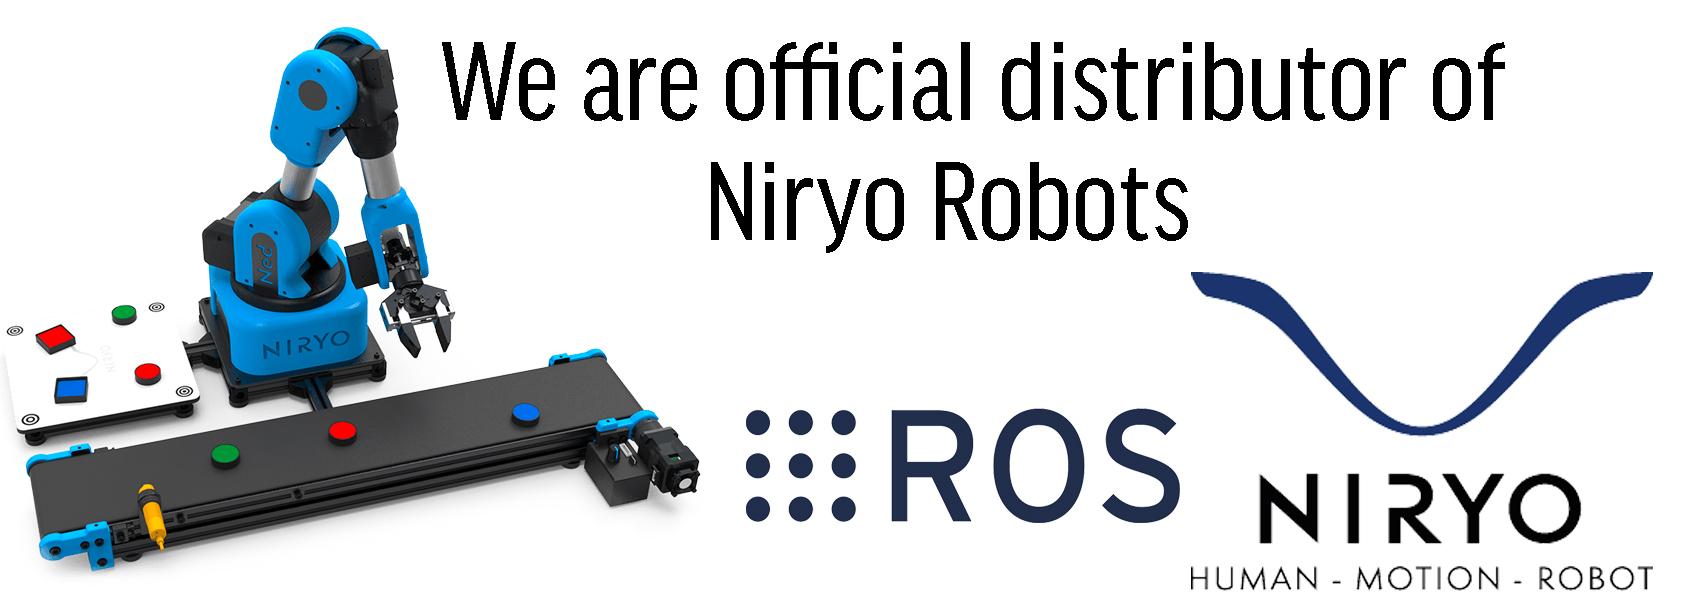 Niryo One Robots